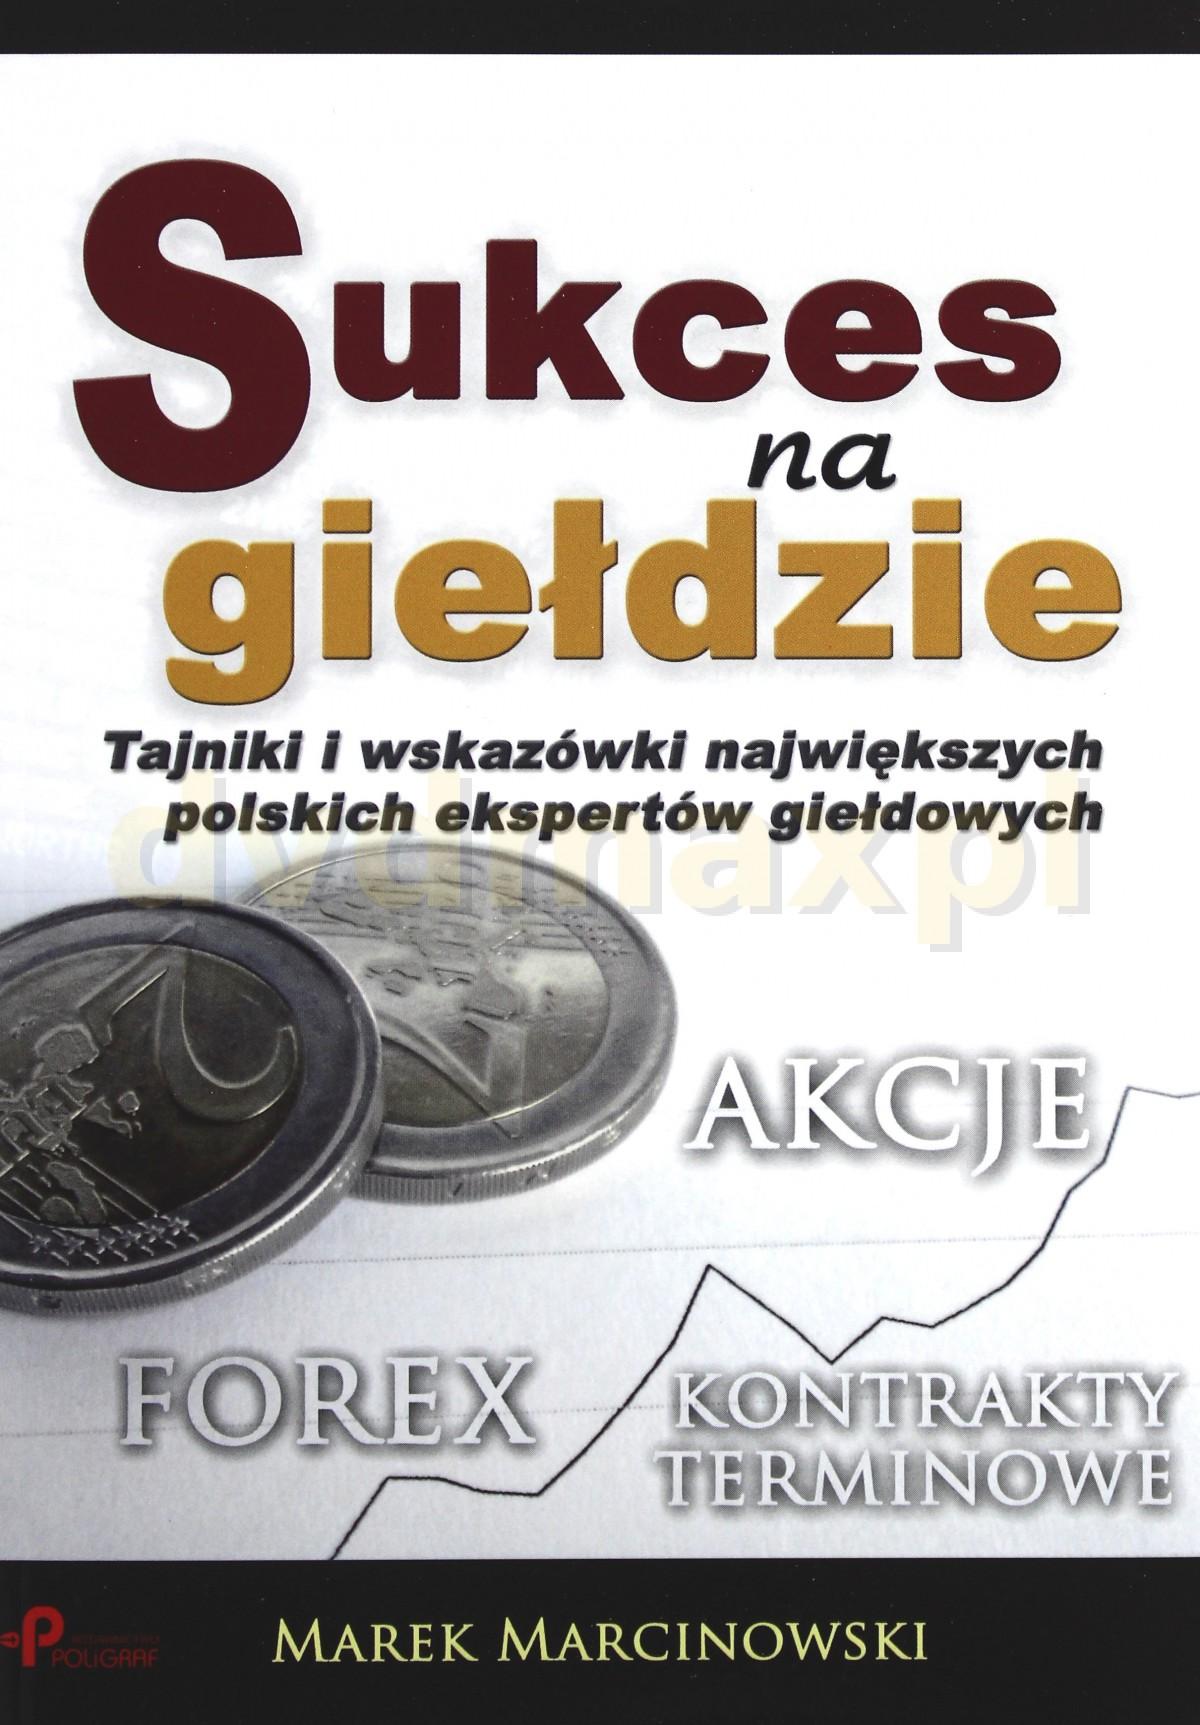 Sukces na giełdzie (V)Tajniki i wskazówki największych polskich ekspertów giełdowych - Marek Marcinowski [KSIĄŻKA] - Marek Marcinowski